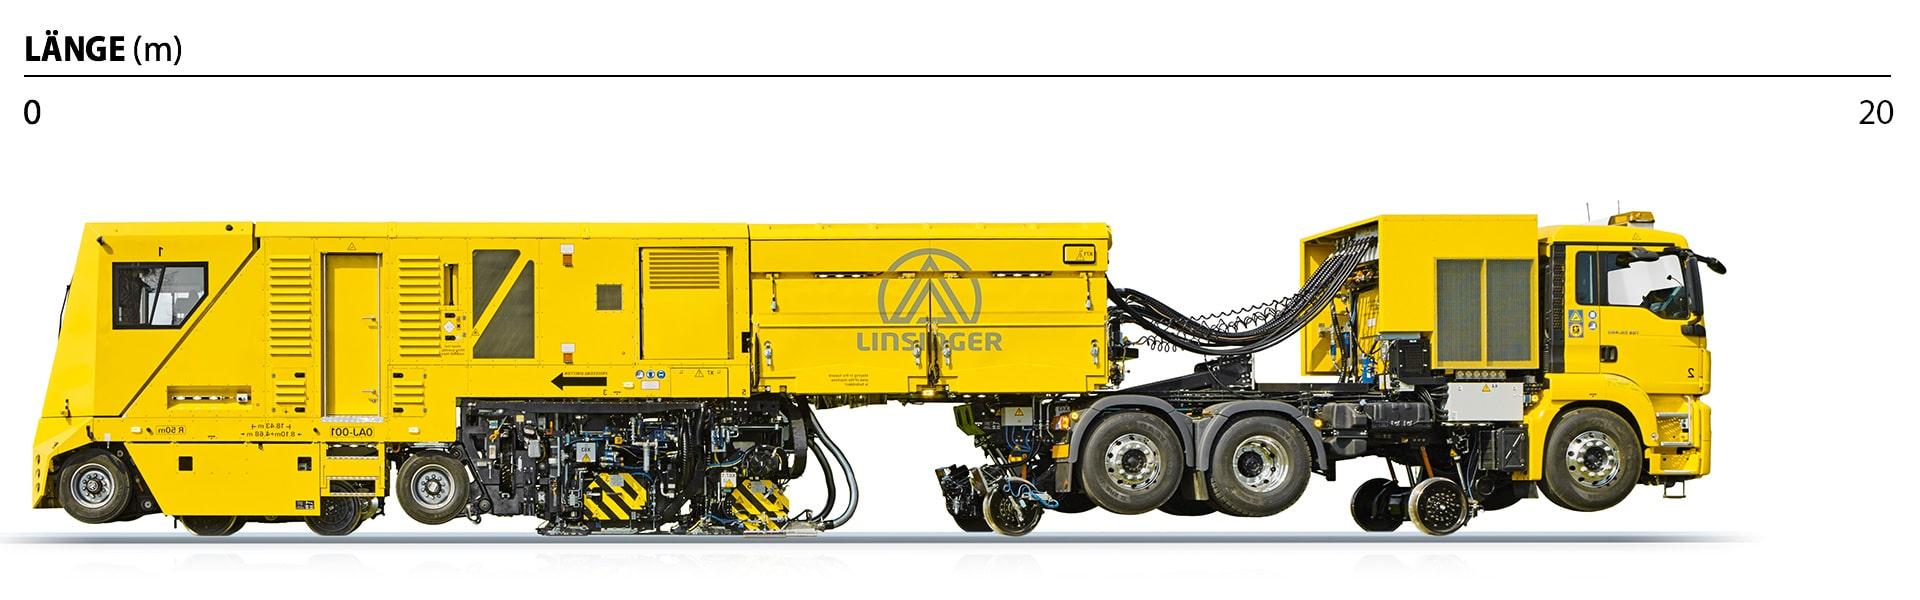 Schienenfräszug MG31